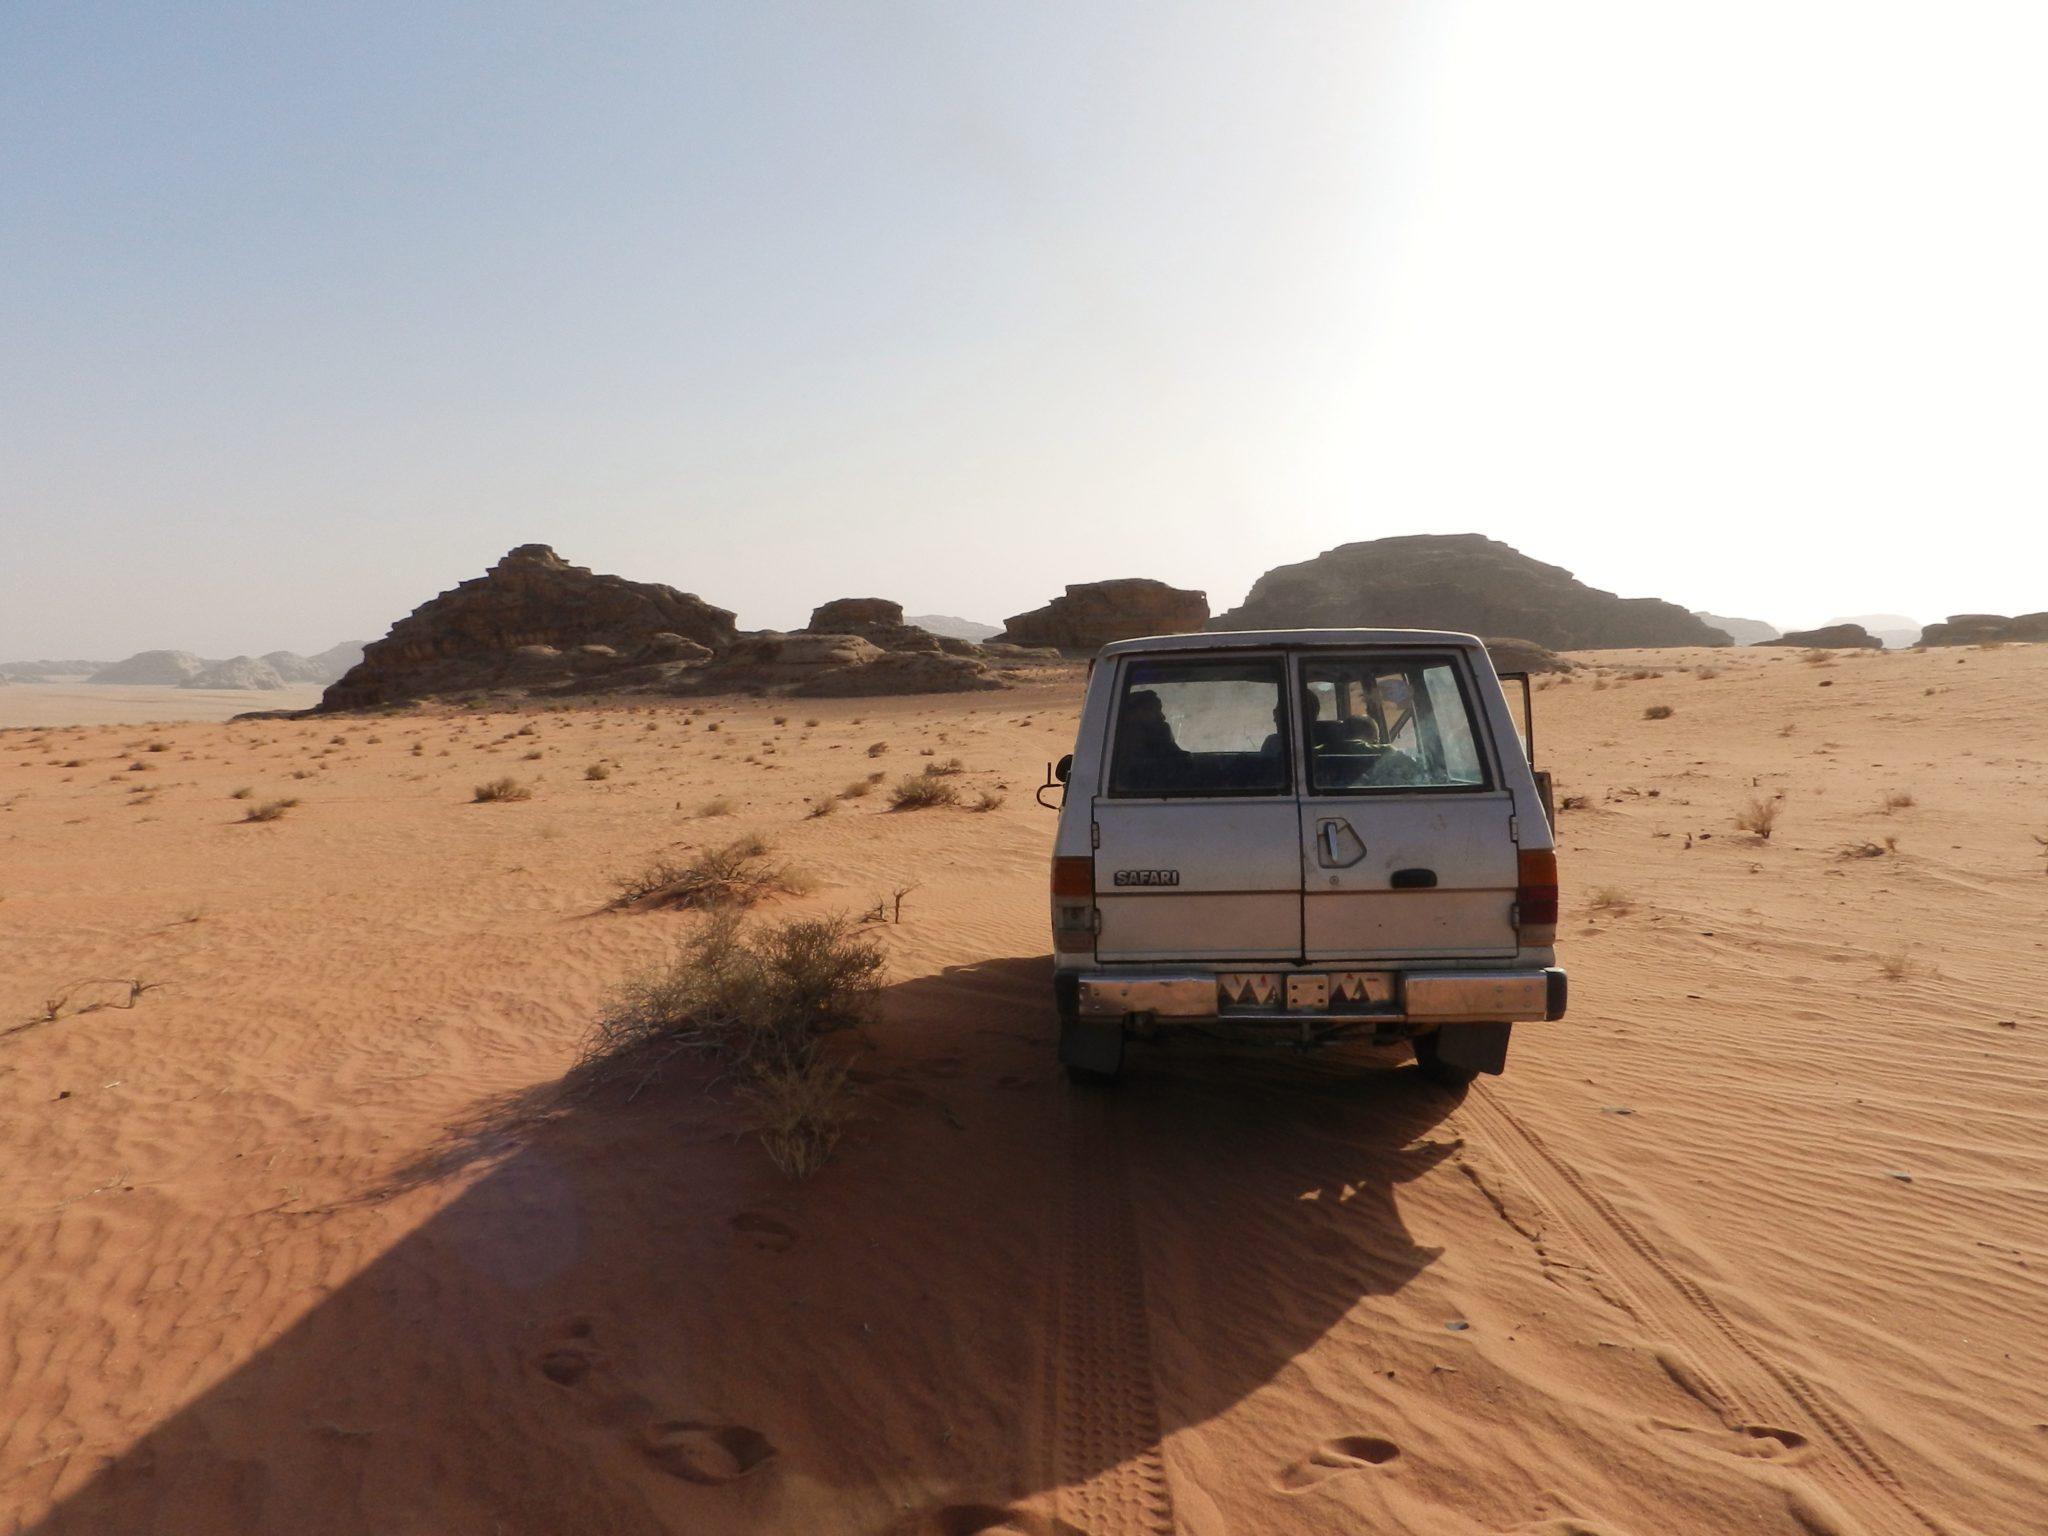 Travelling to Jordan